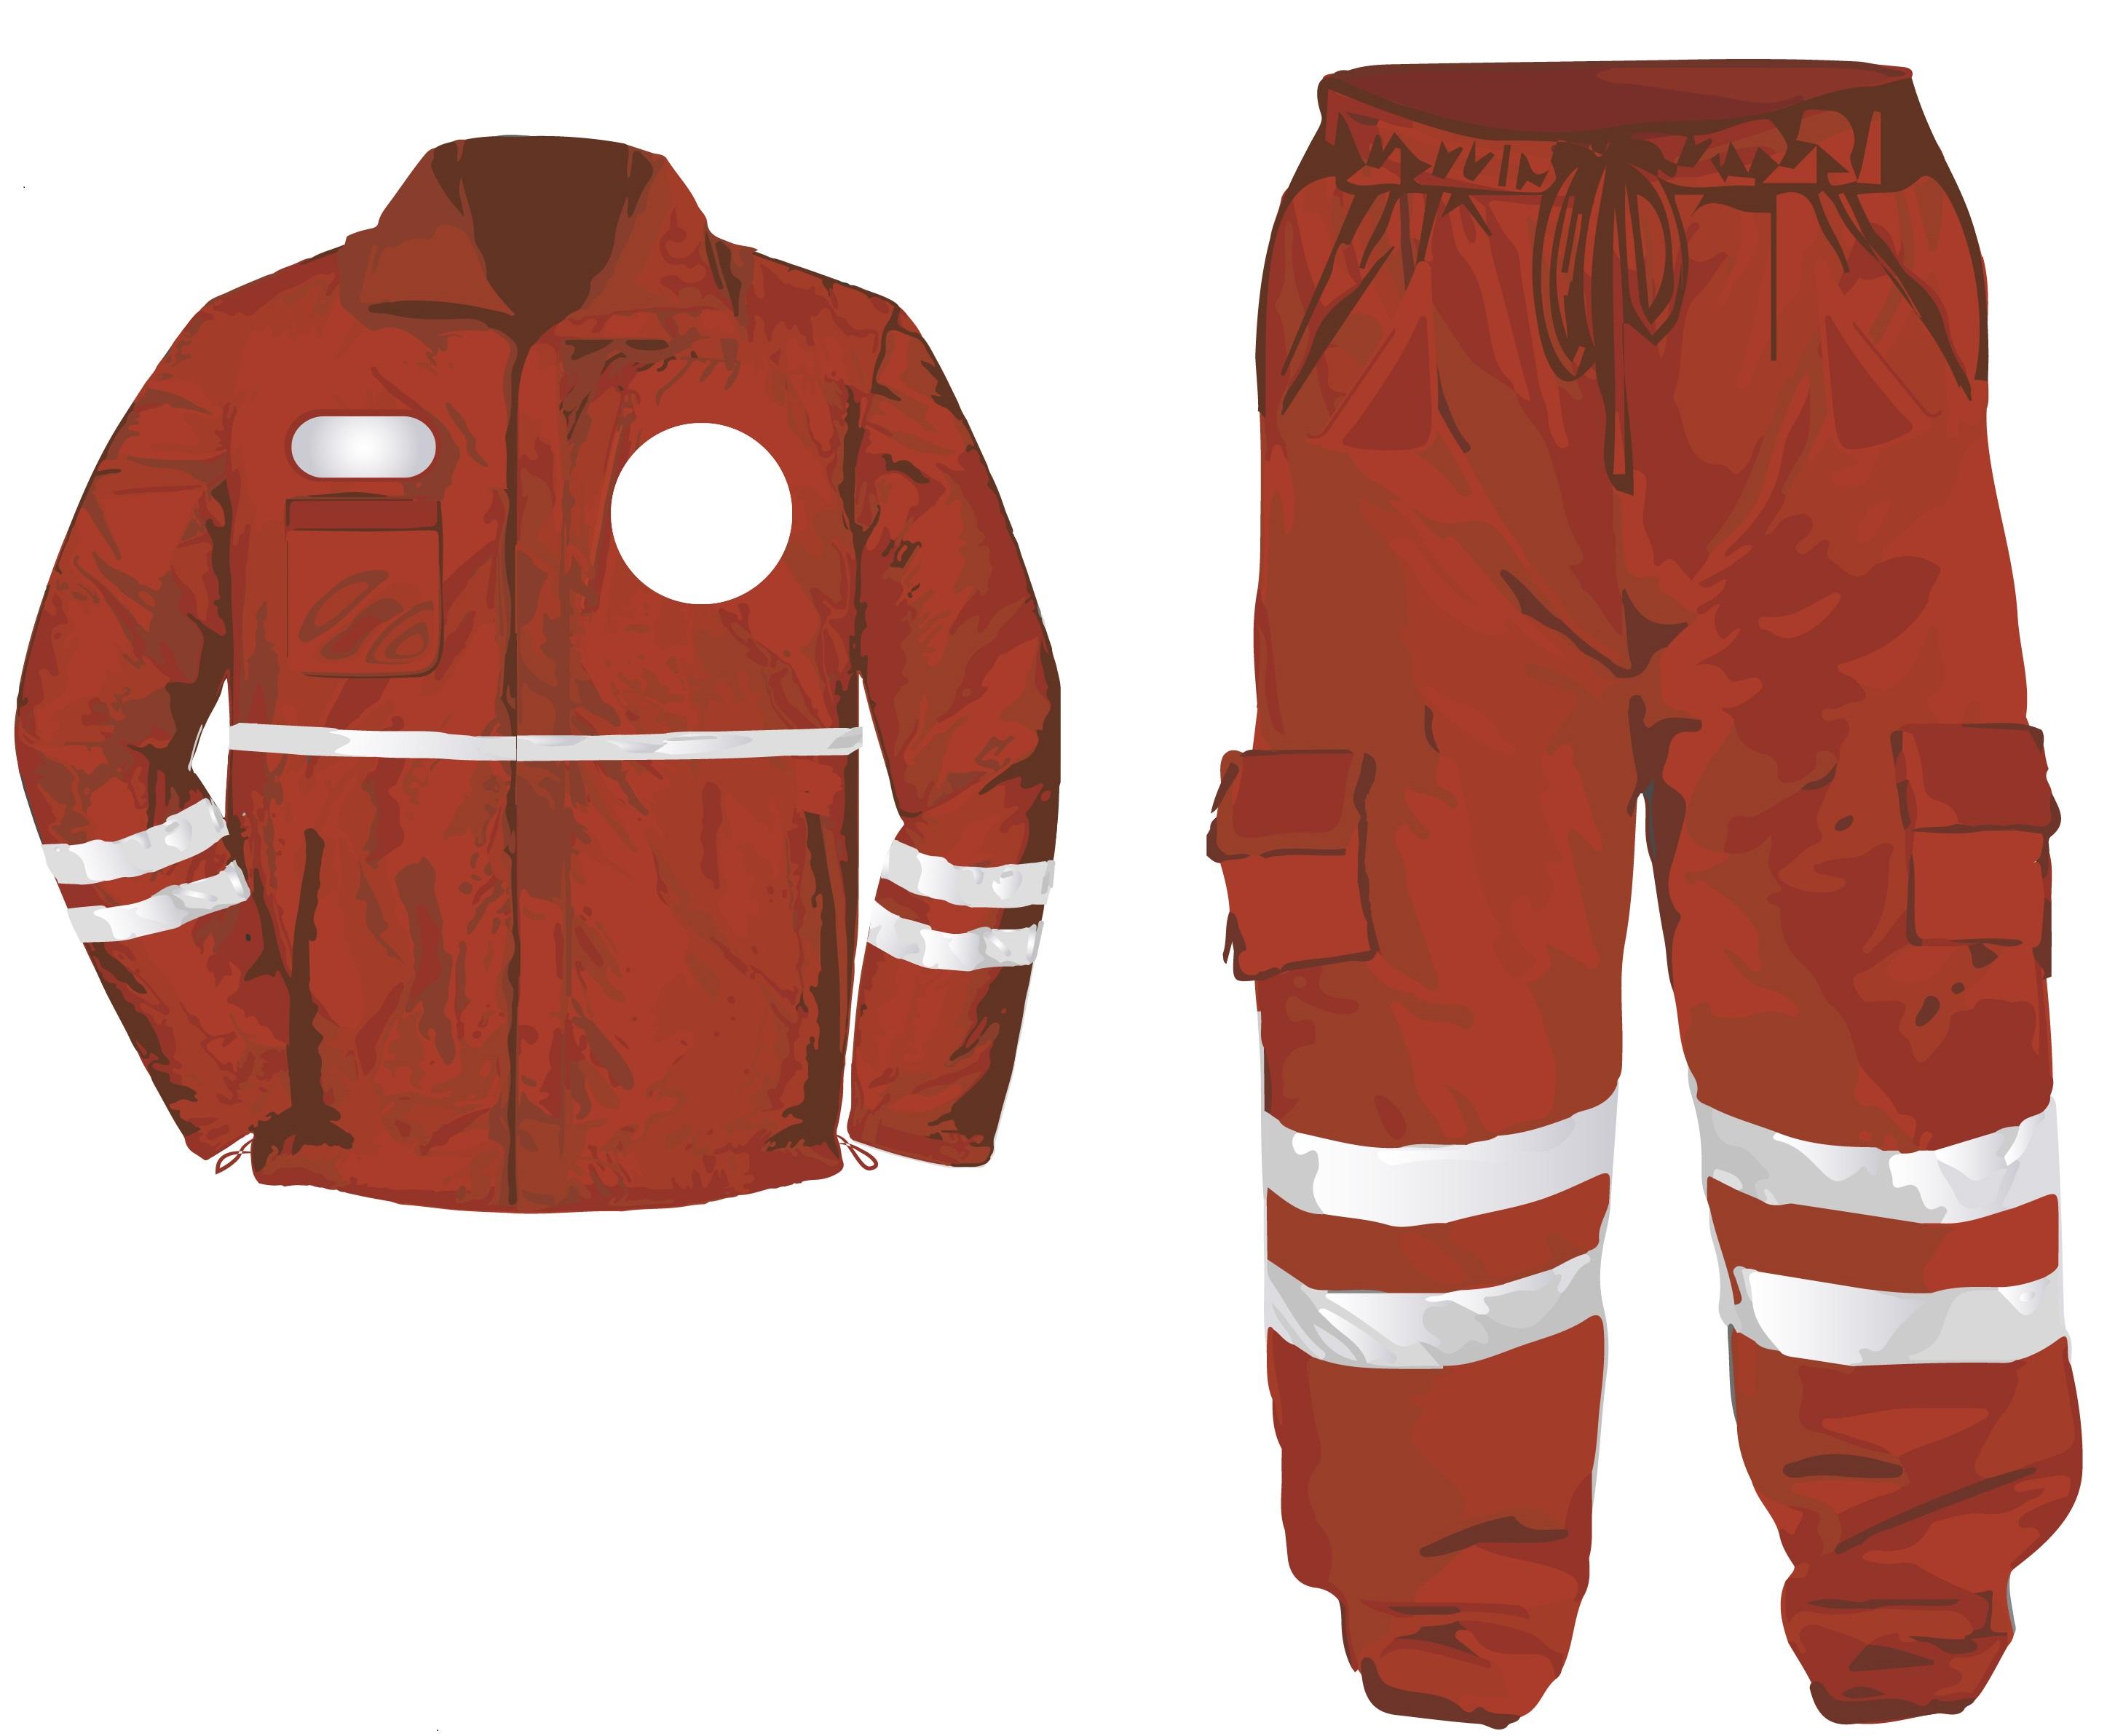 Limpieza de uniformes de trabajo (1)